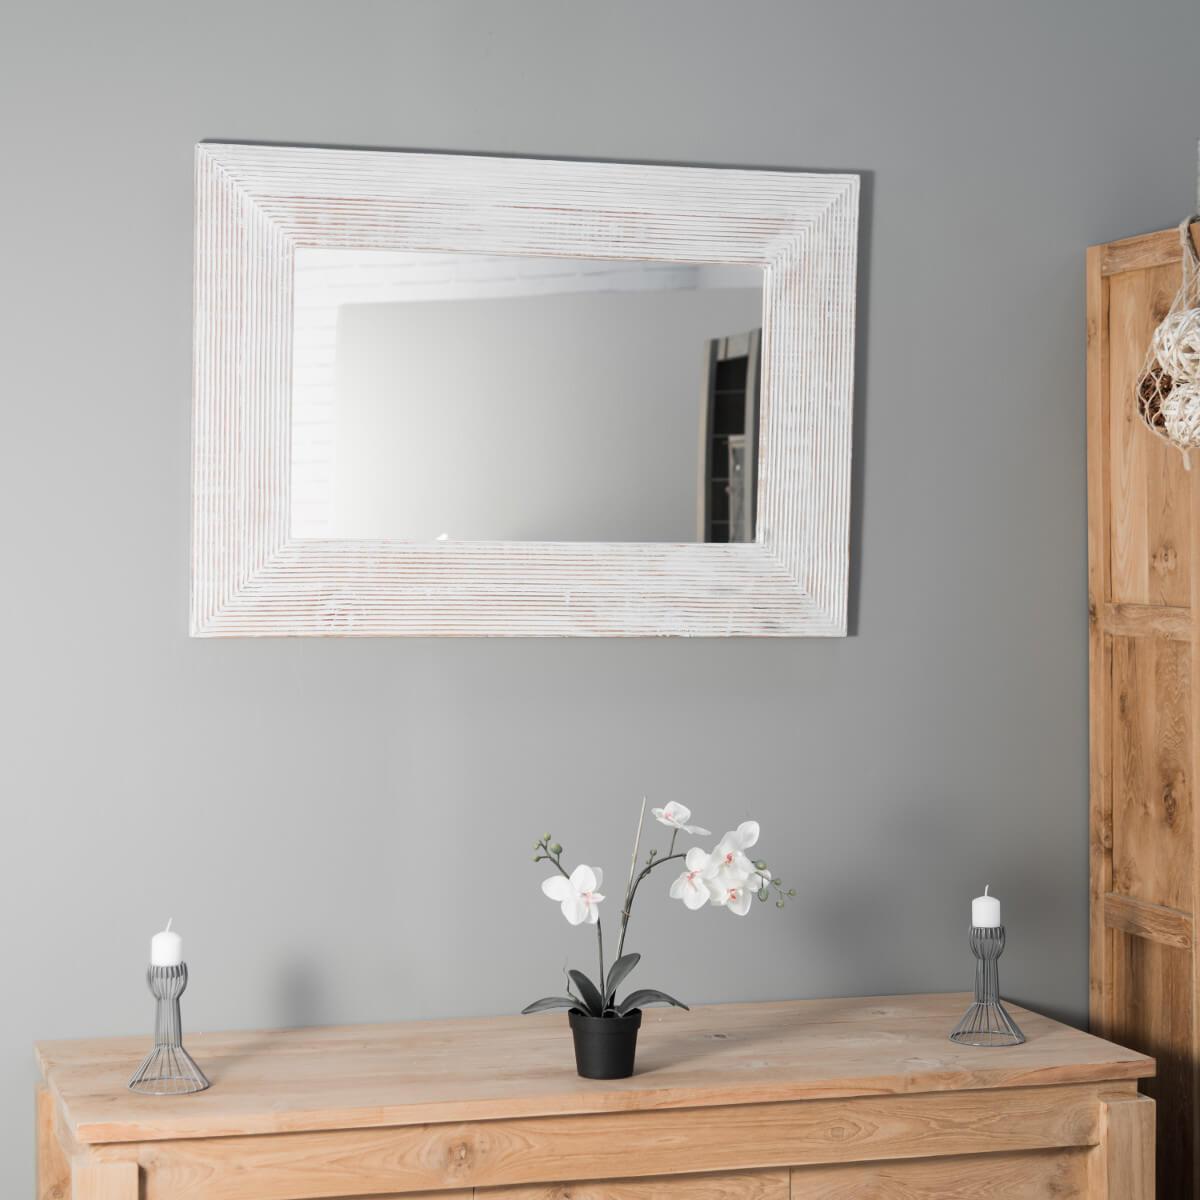 Miroir De Decoration En Bois Massif Madrid Rectangulaire Bois Patine Ceruse Blanc D  X